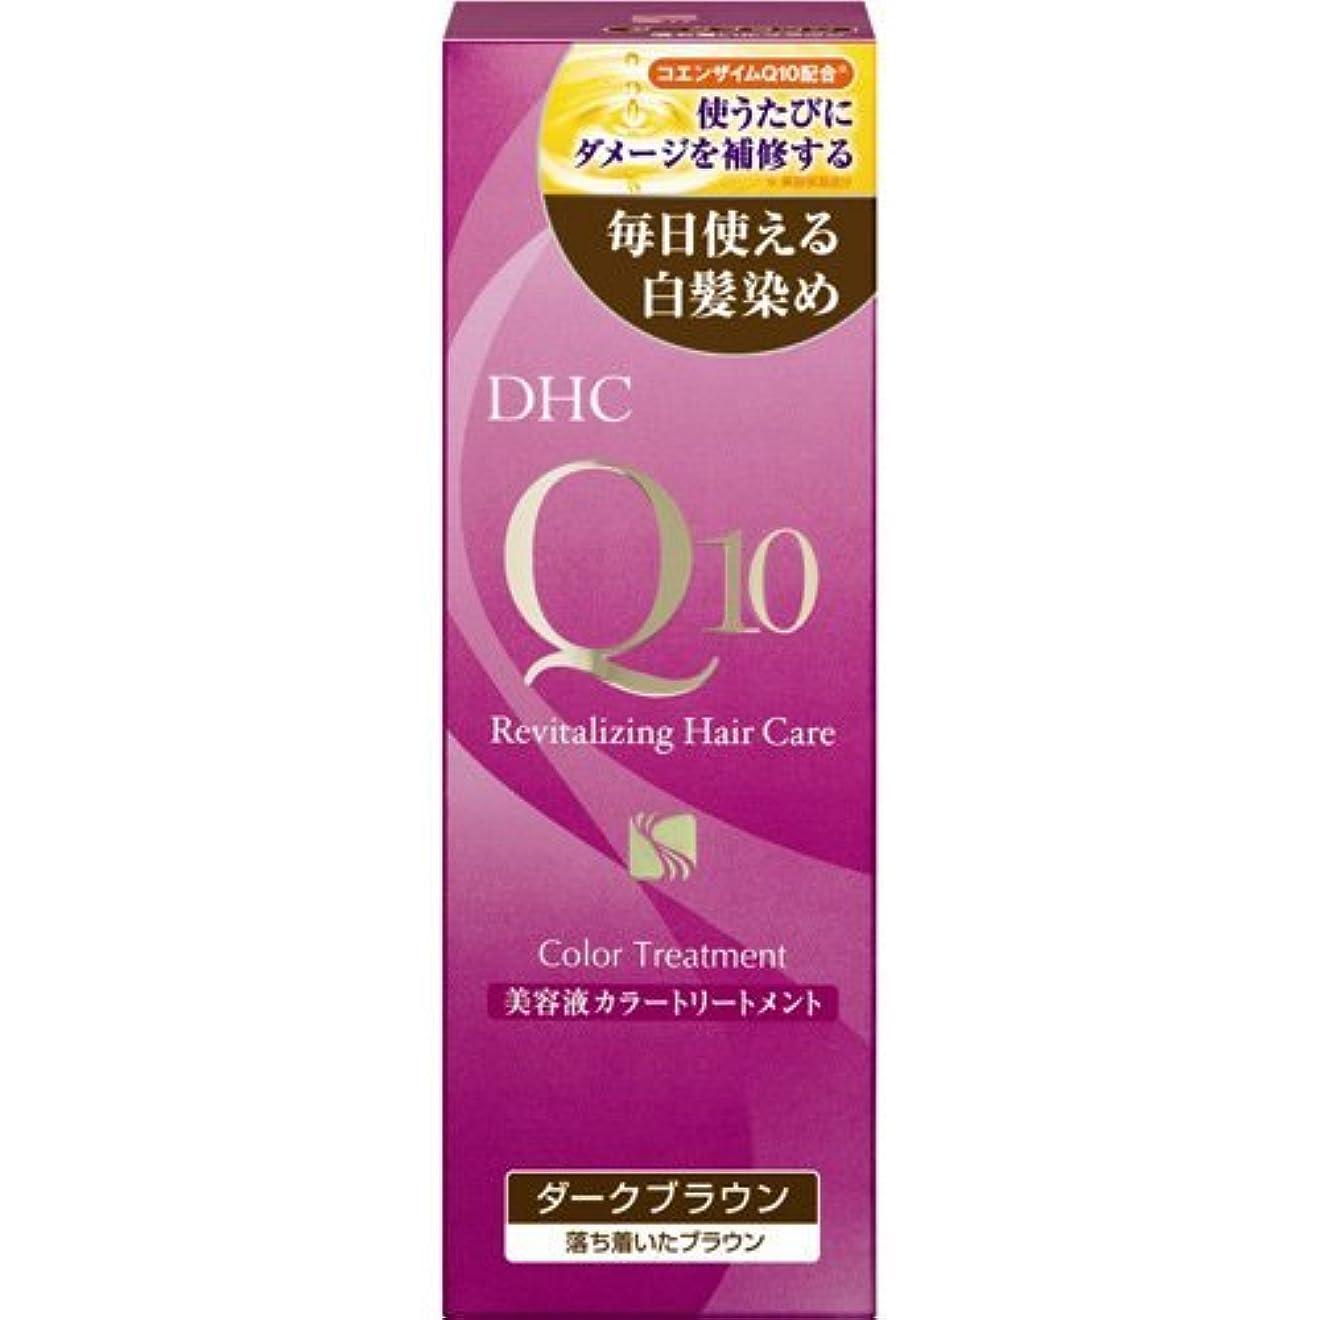 取るに足らない歴史的強度【まとめ買い】DHC Q10美溶液カラートリートメントDブラウンSS170g ×4個